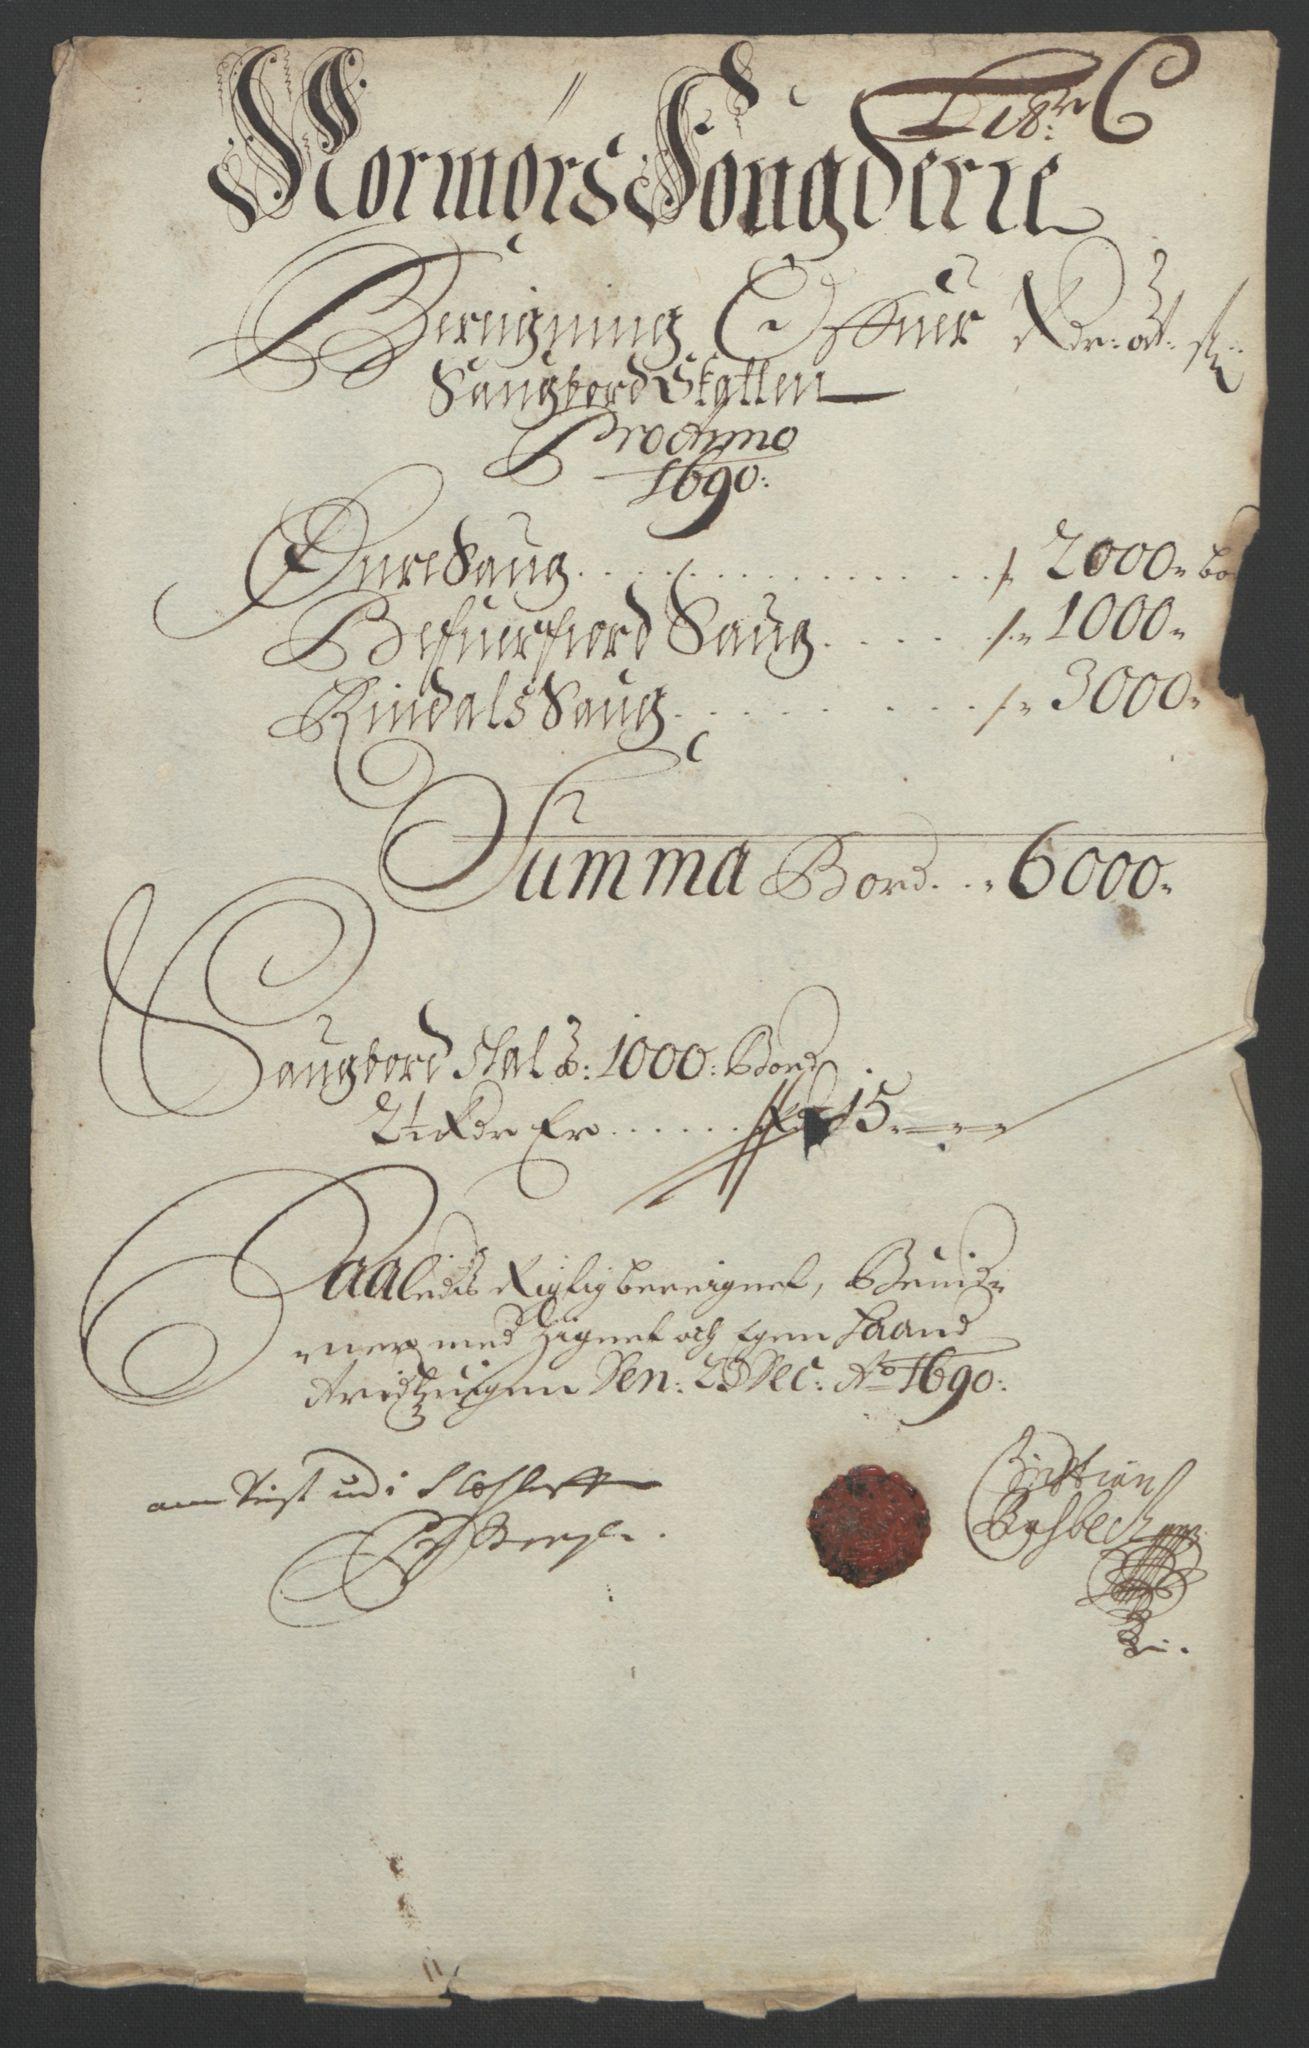 RA, Rentekammeret inntil 1814, Reviderte regnskaper, Fogderegnskap, R56/L3734: Fogderegnskap Nordmøre, 1690-1691, s. 77